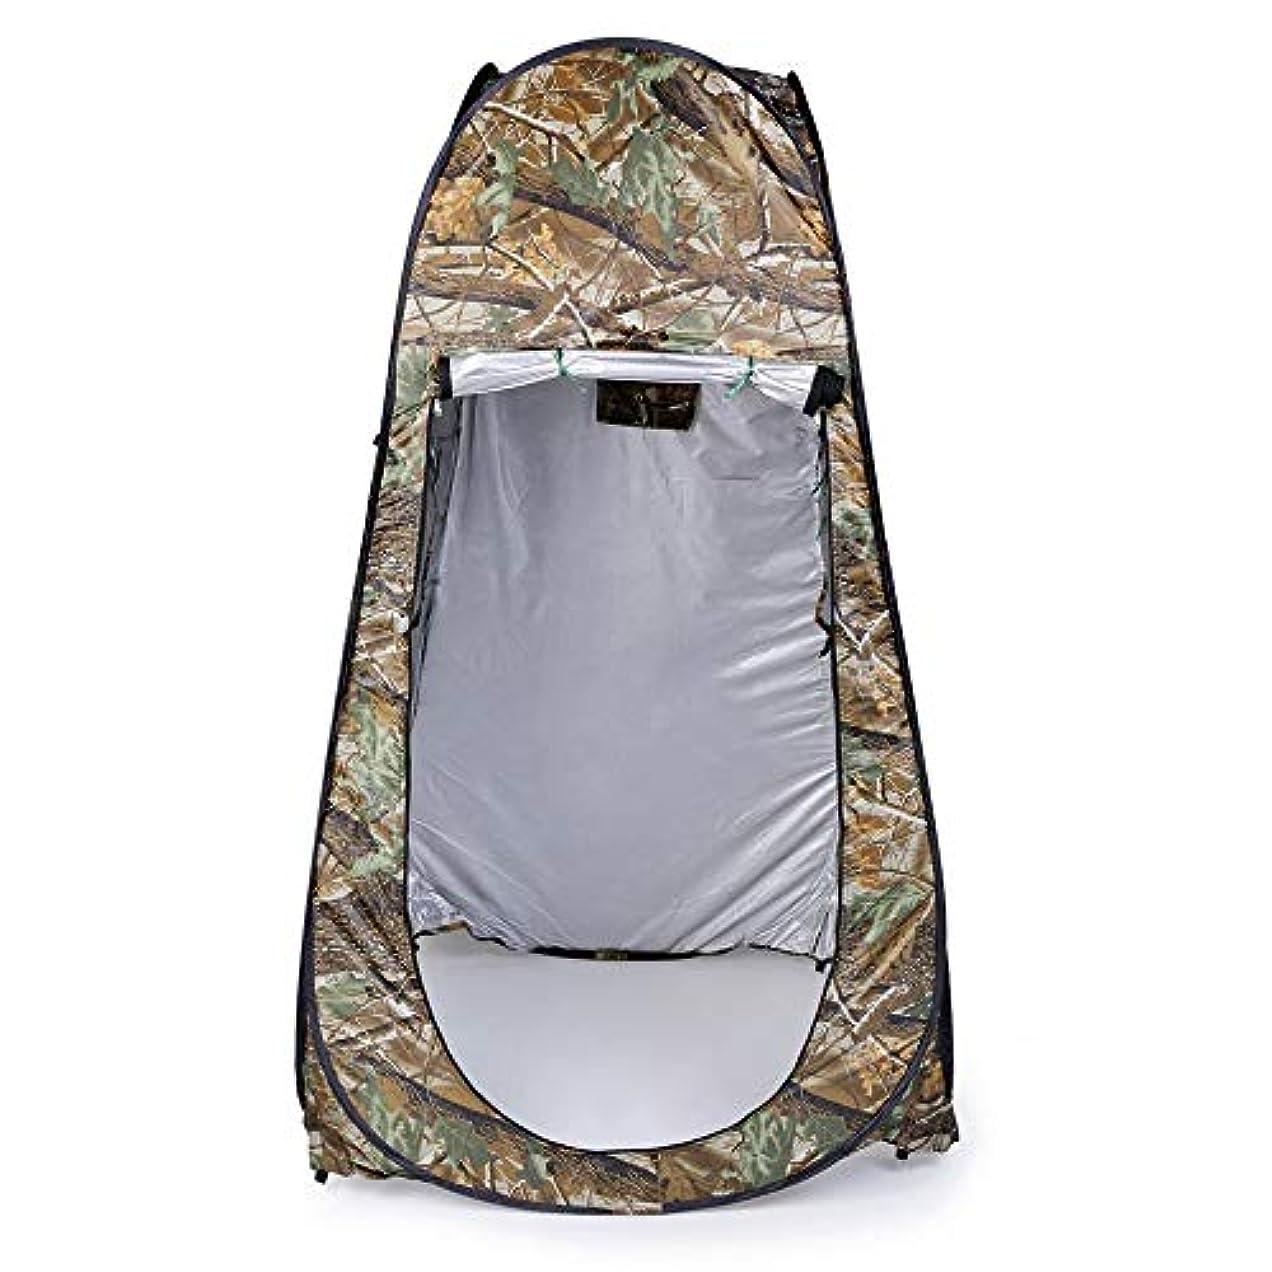 男らしい収穫新着屋外ポップアップ迷彩テント、キャンプシャワー浴室プライバシーテント、更衣室シェルターシングル移動折りたたみテント